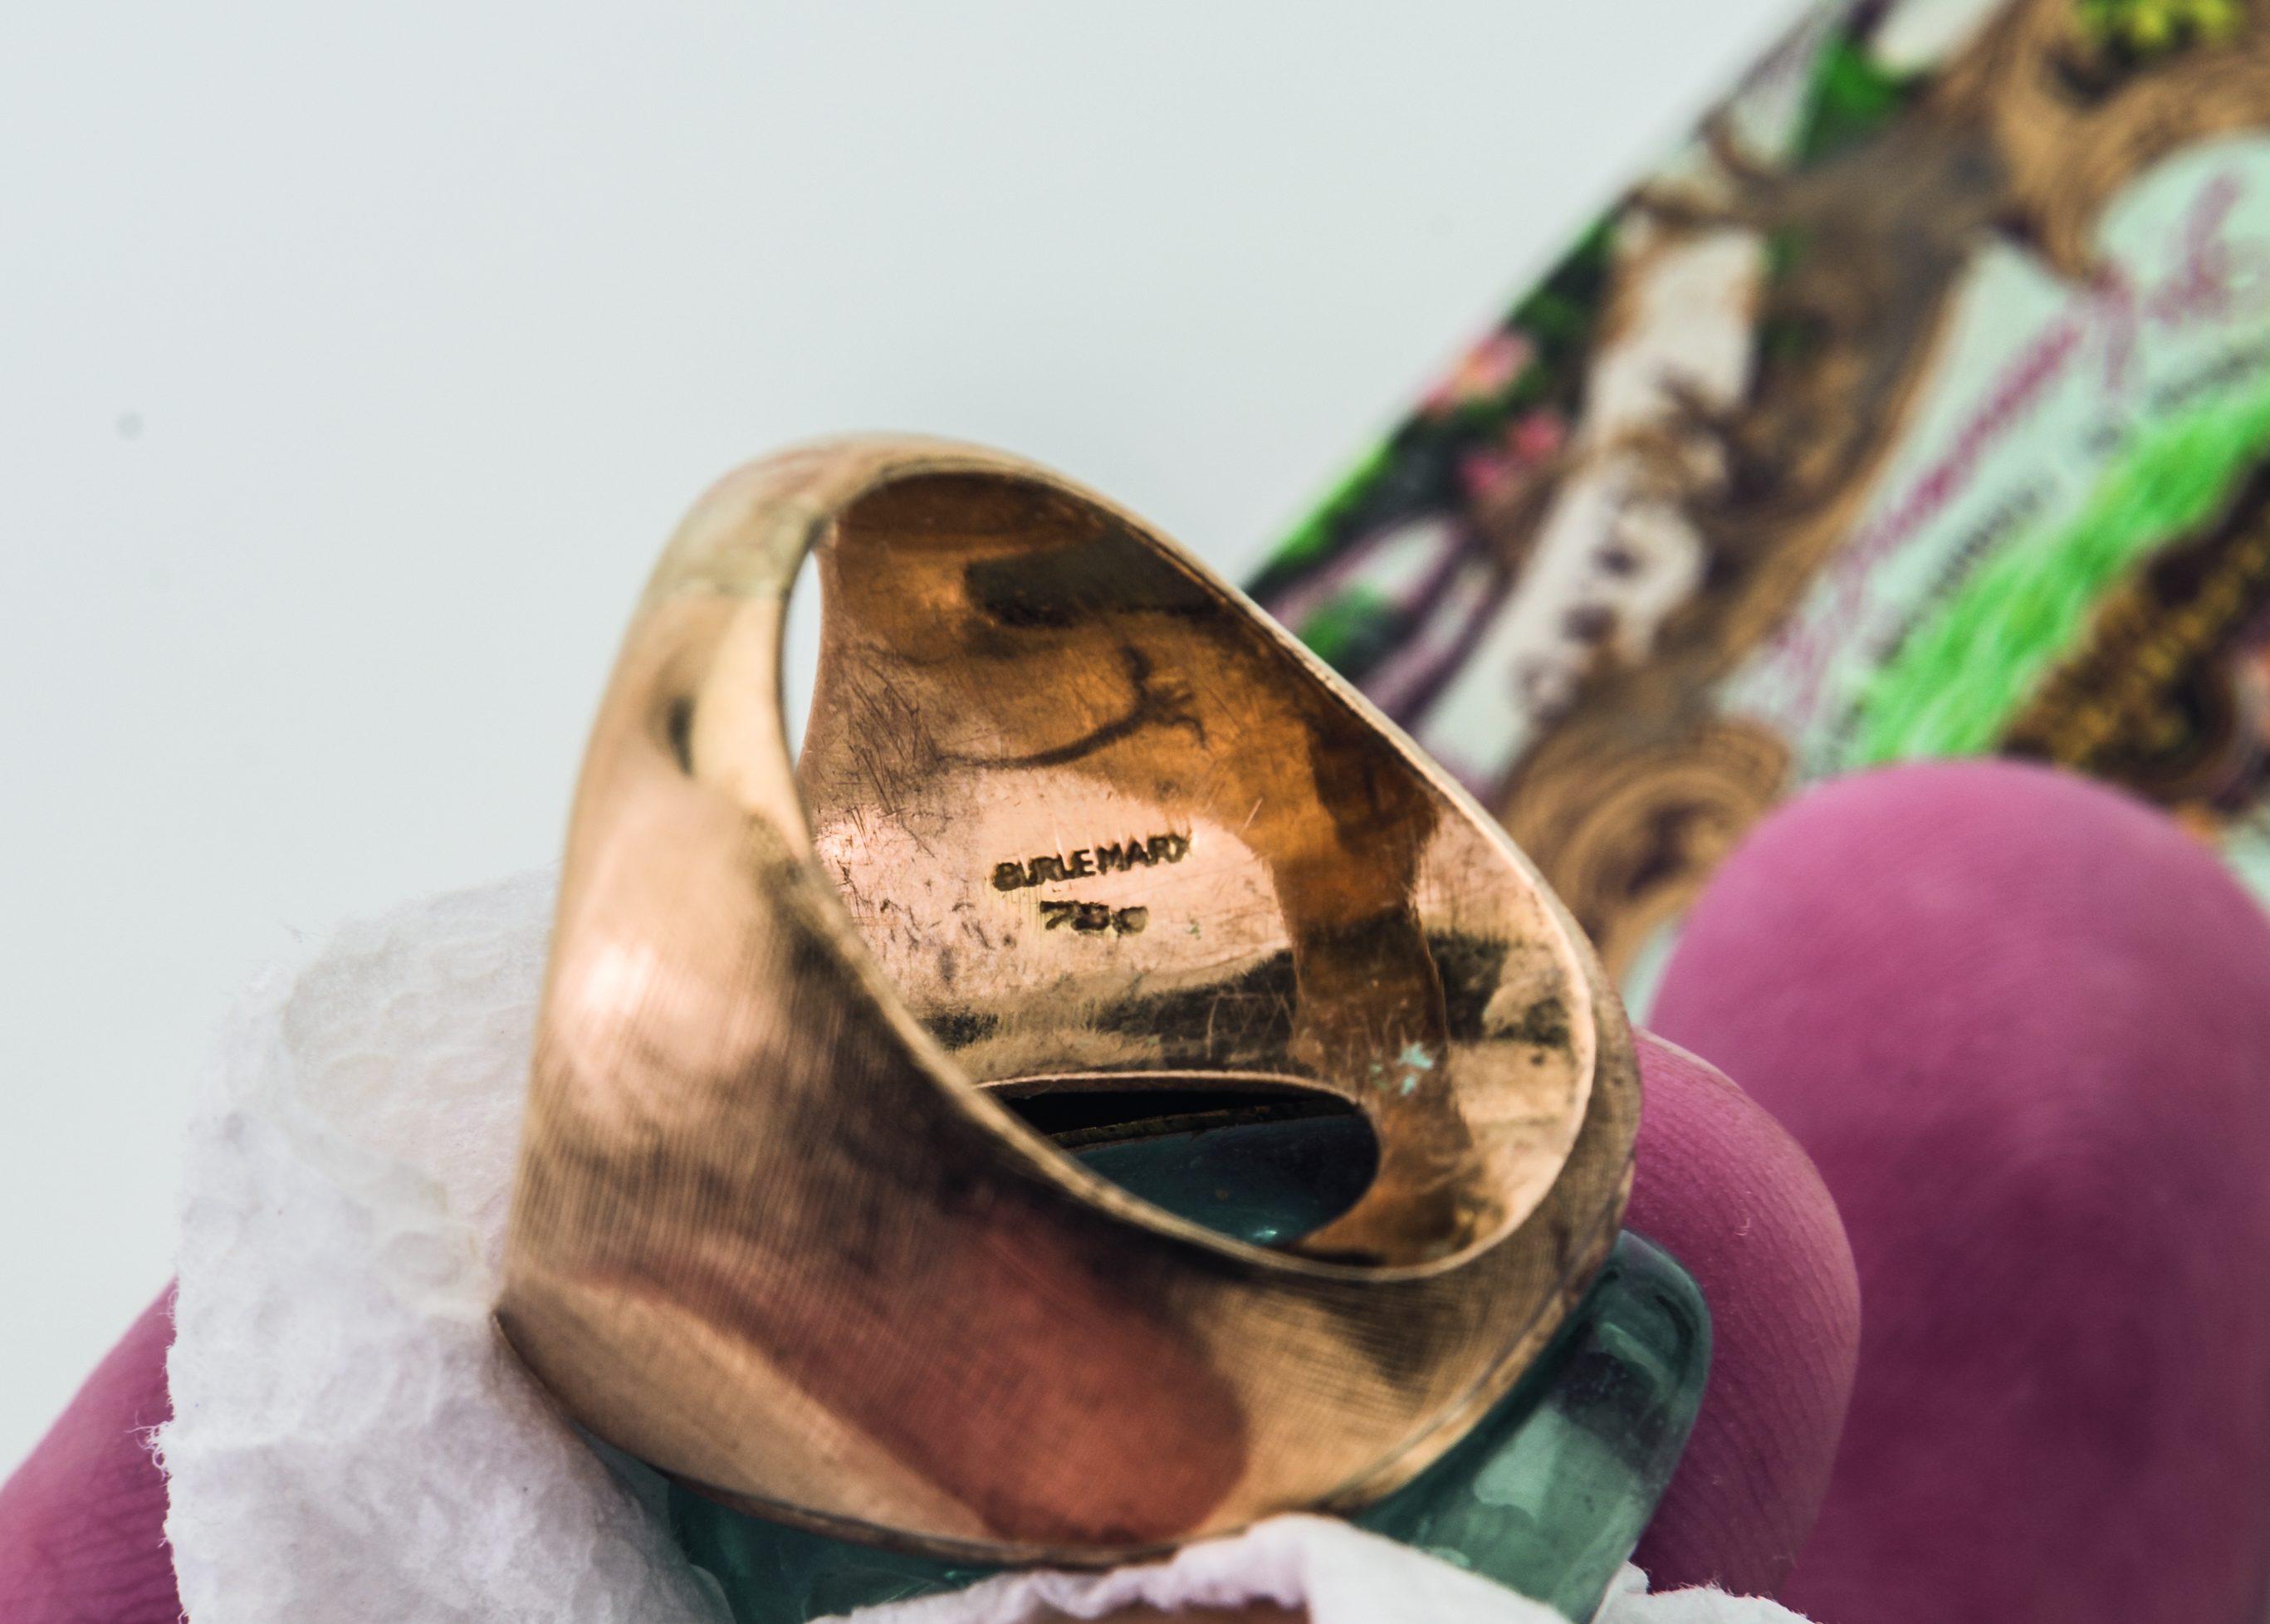 Haroldo Burle Marx, ring, 1960-1979. Collectie Kimberly Klosterman. Foto Kimberly Klosterman, goud, aquamarijn, meesterteken